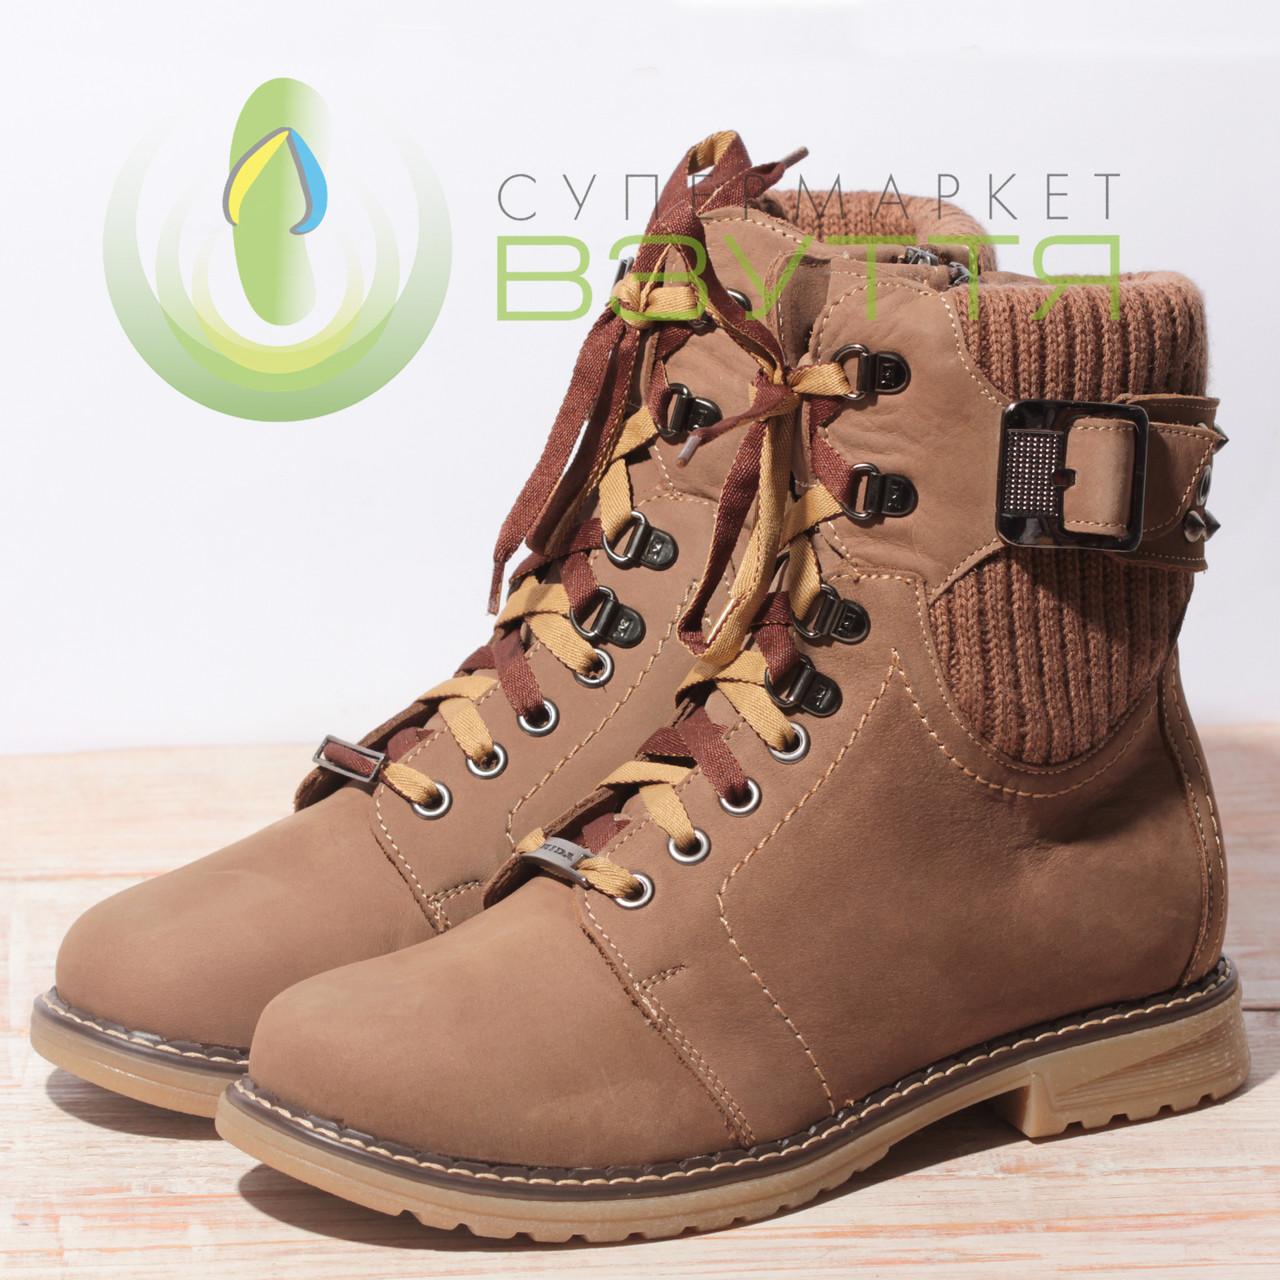 Шкіряні жіночі зимові черевики арт.24382 беж/н розміри 38 розмір